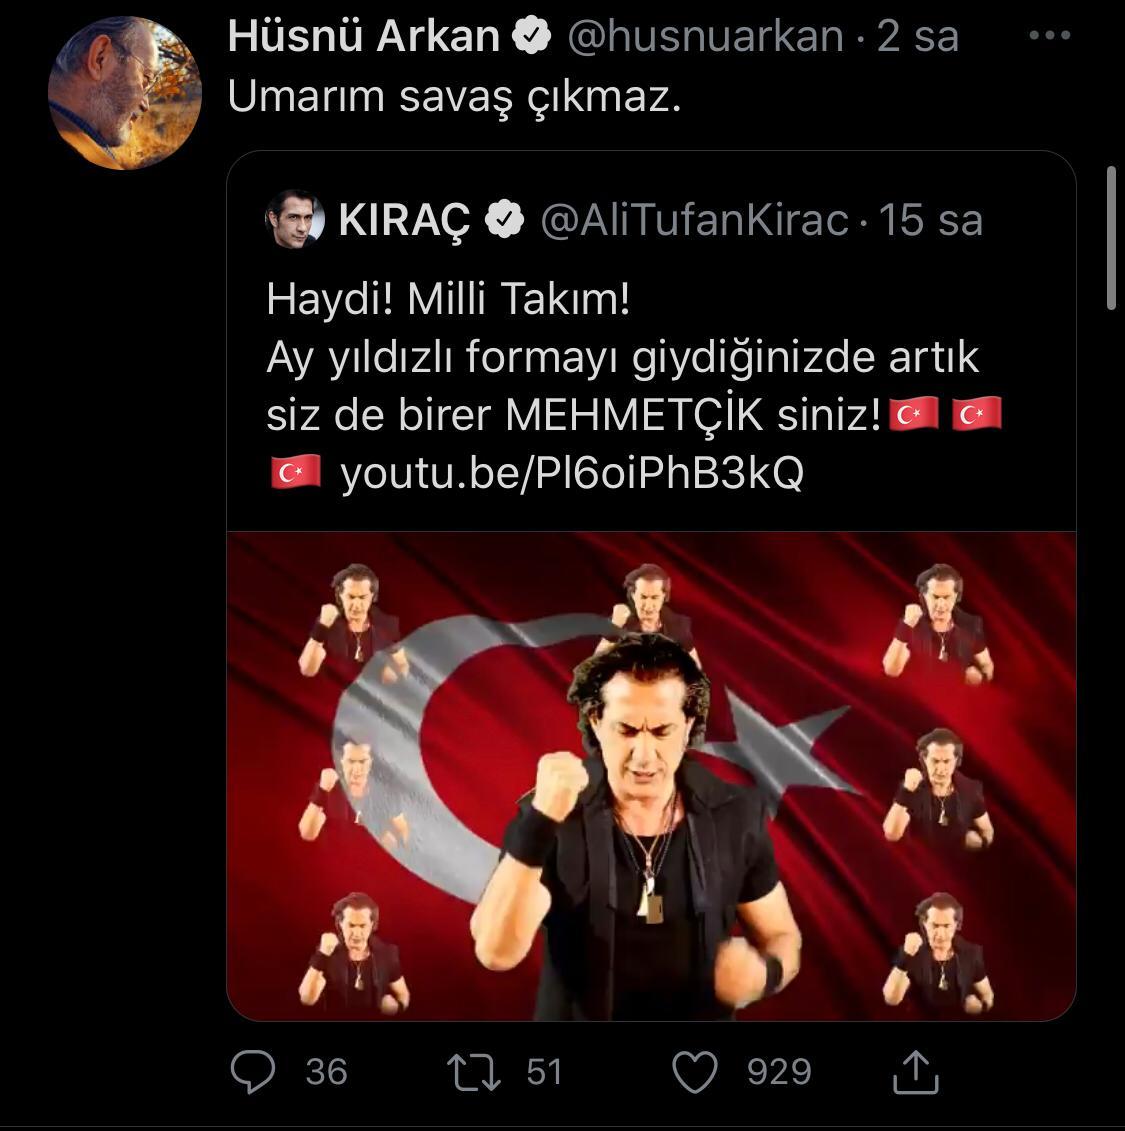 """Kıraç'ın milli takım için yaptığı şarkıya tepki yağdı: """"Savaşa mı gidiyoruz spor turnuvasına mı?"""""""